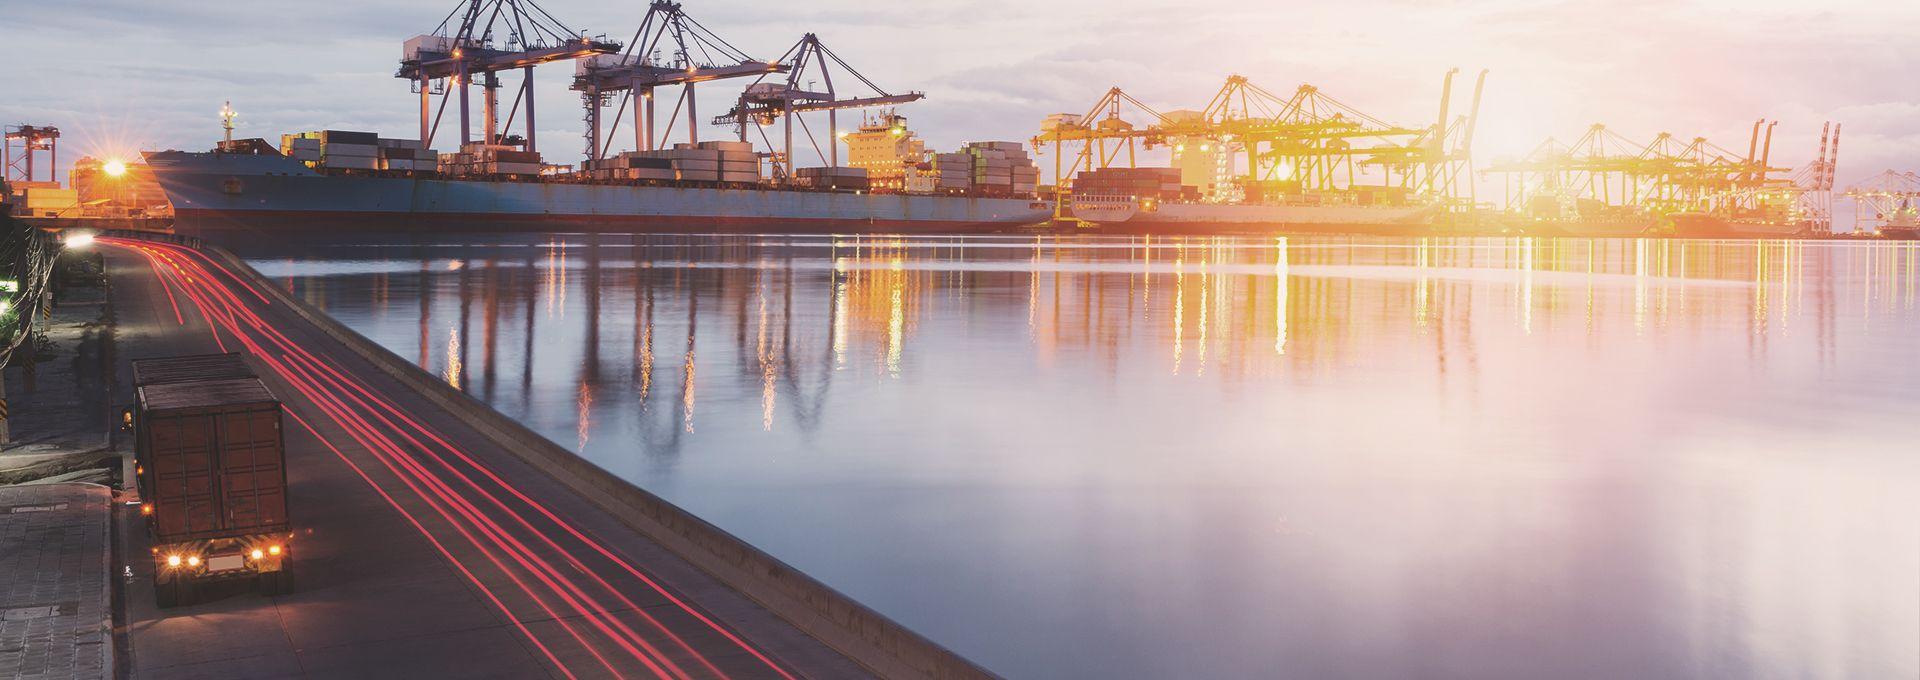 Морская перевозка и растаможка турецких товаров